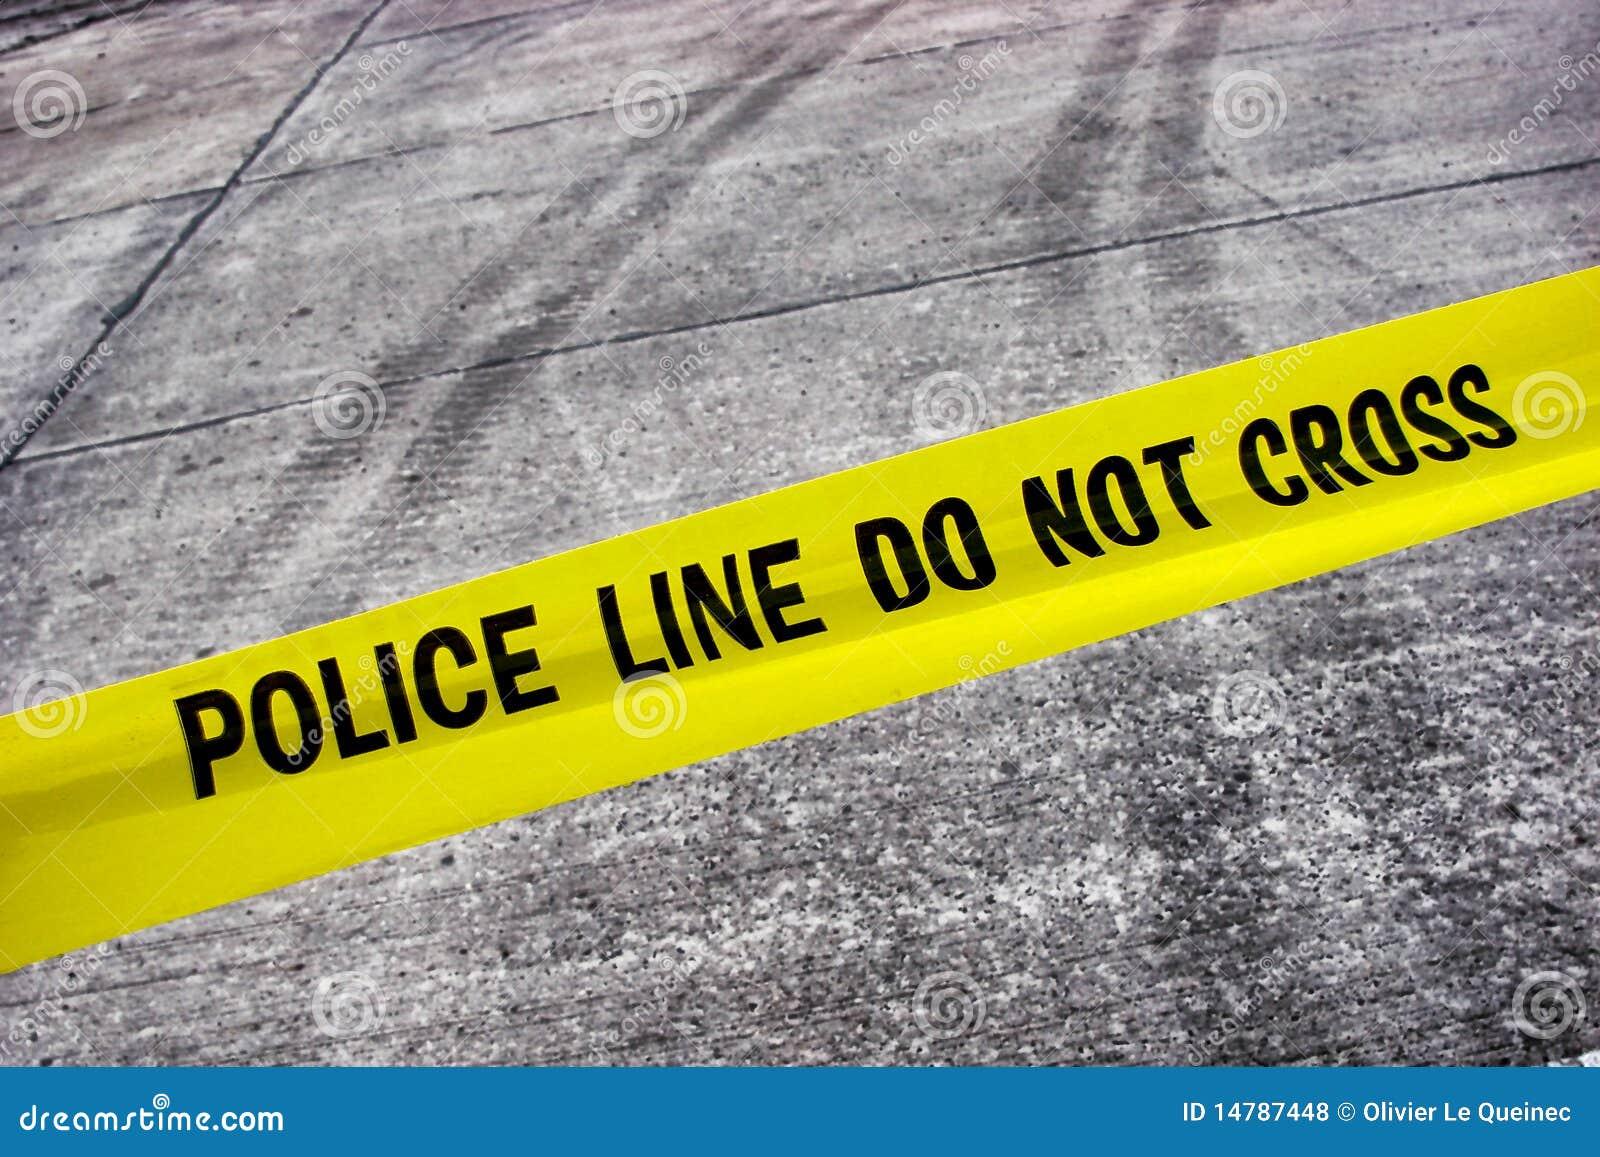 De Scène van de Misdaad van de straat met de Band van de Lijn van de Politie